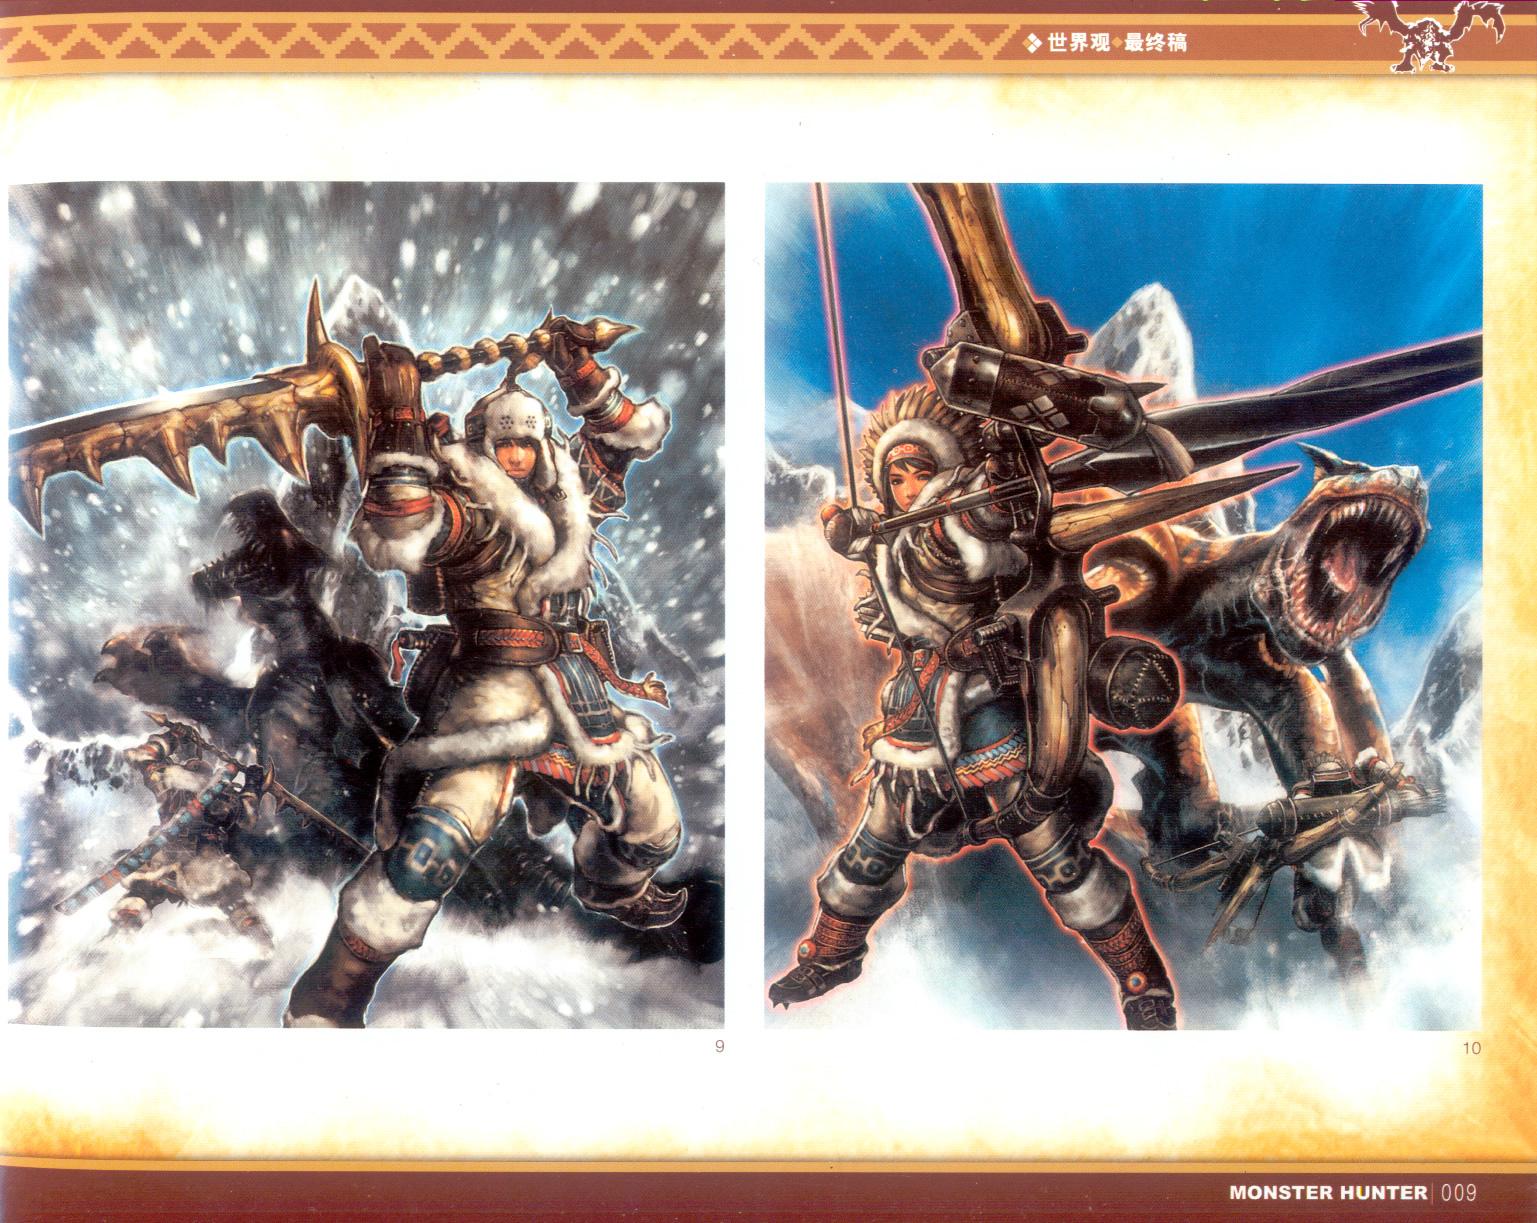 009_关注-游艺网GAME798海量资源下载怪物猎人终极画集.jpg